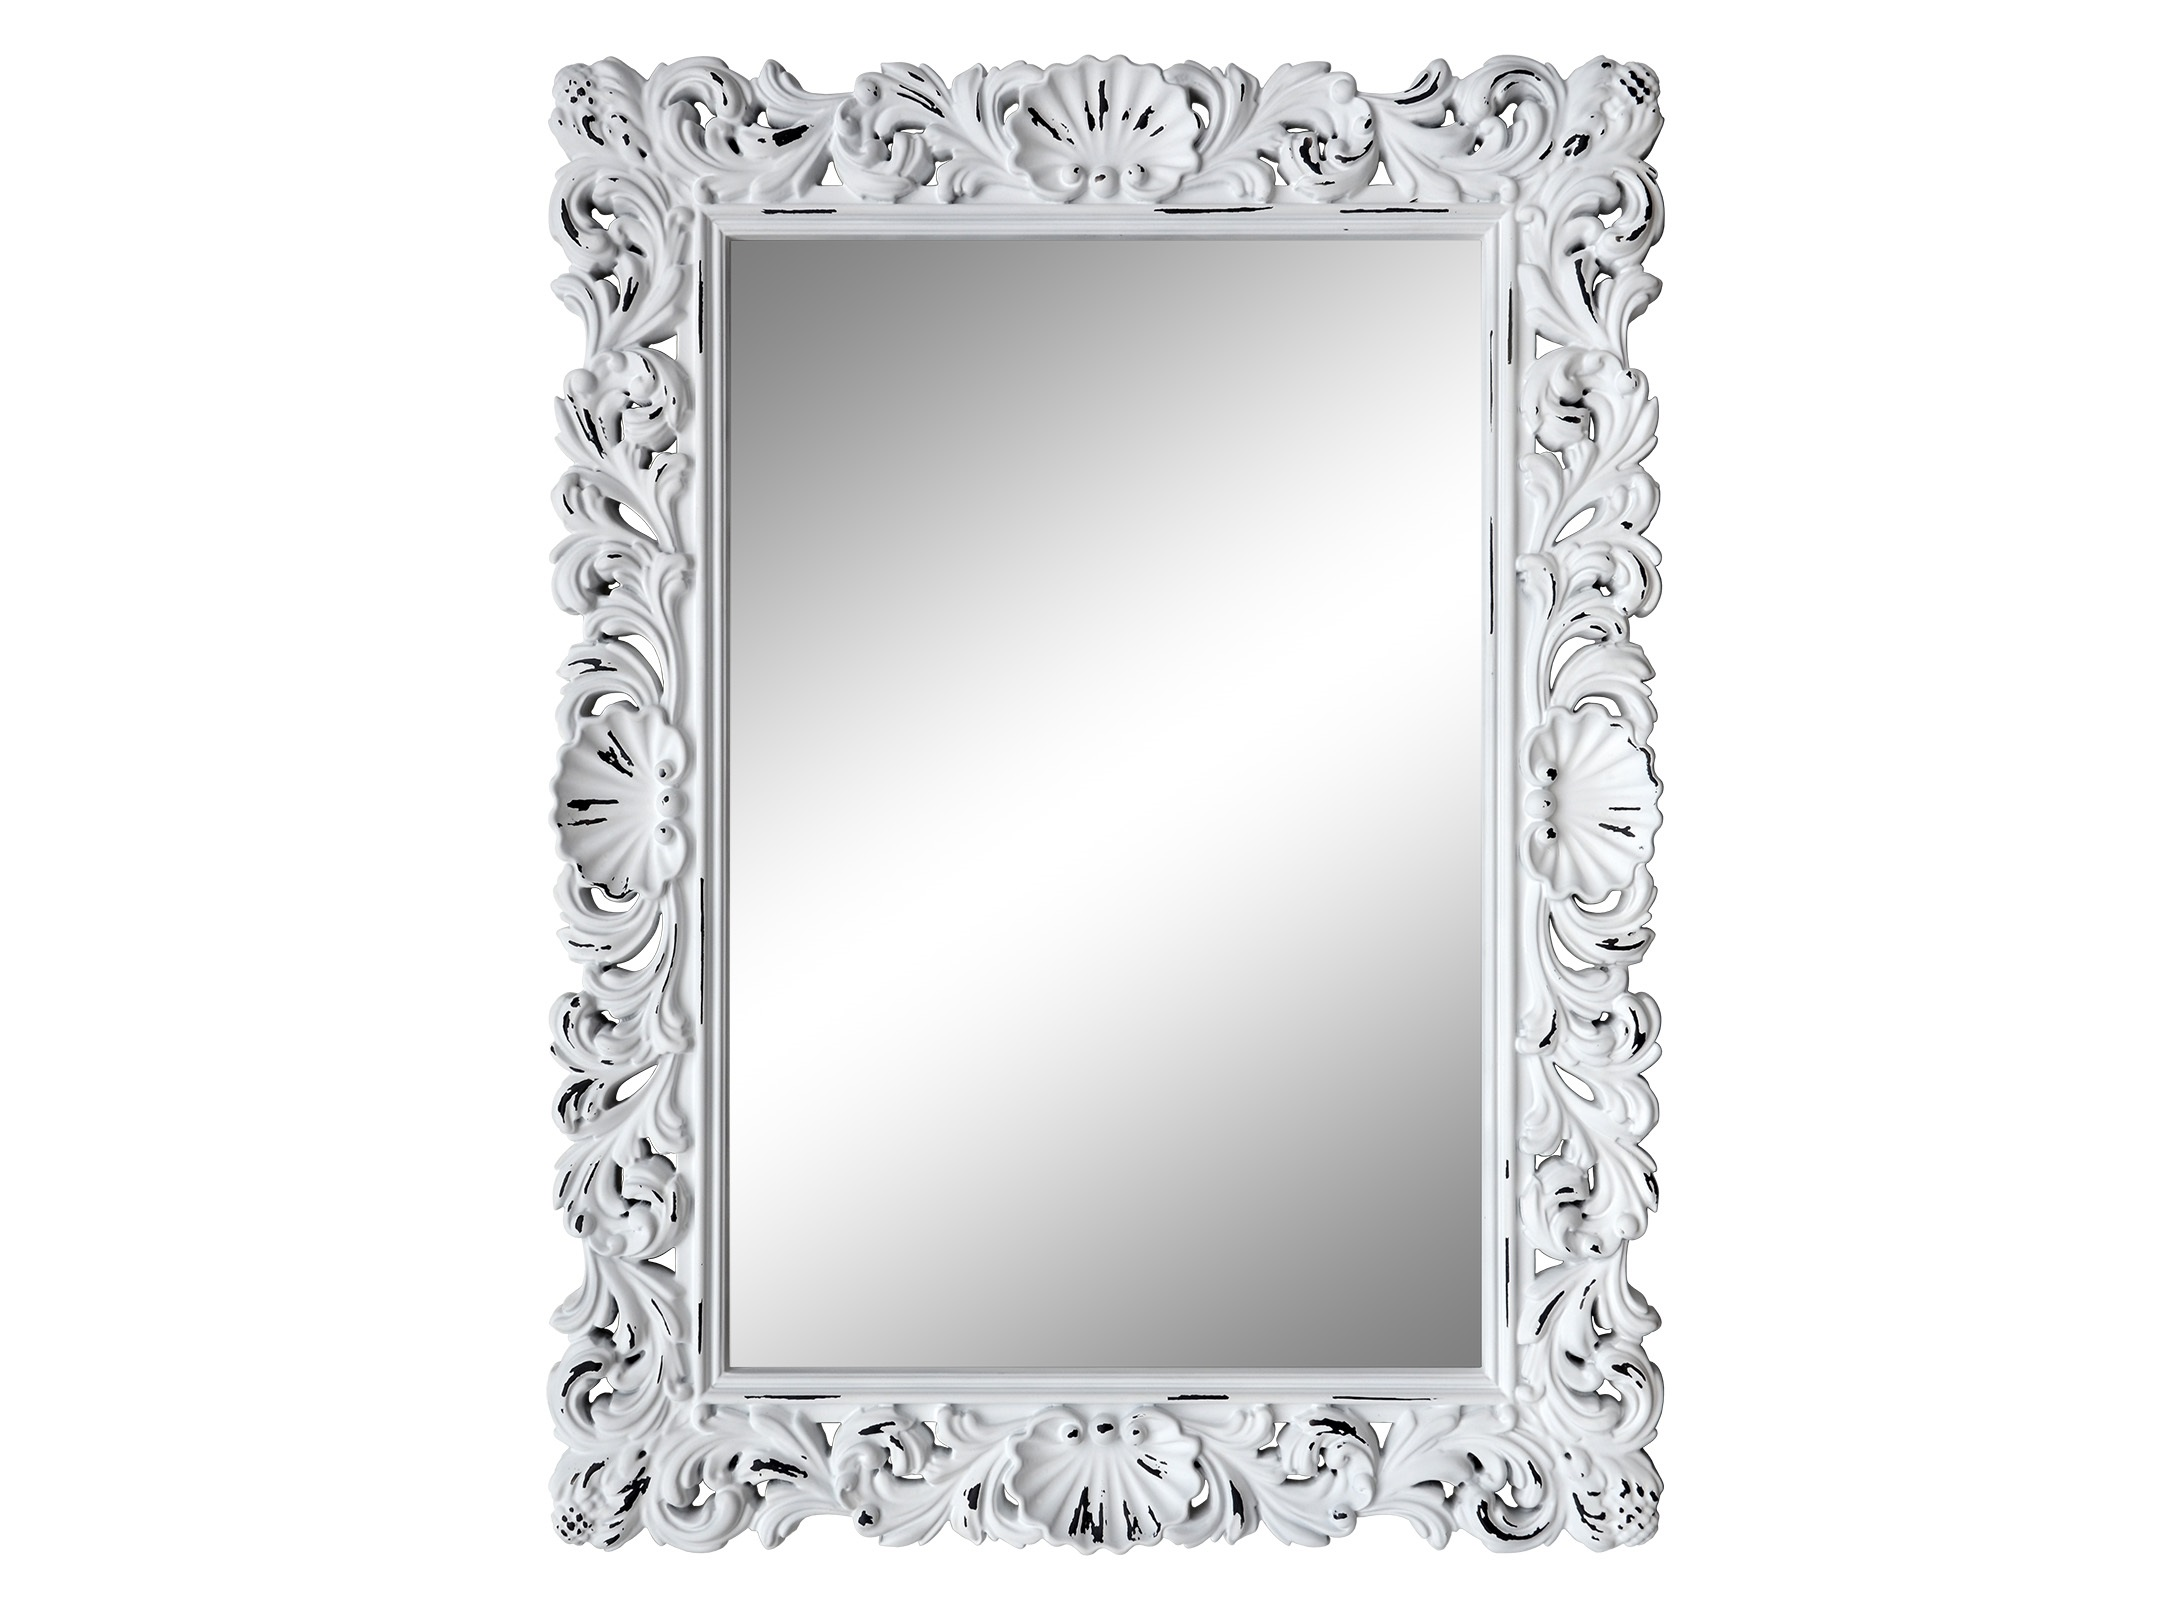 Зеркало РОКОКОНастенные зеркала<br>&amp;lt;div&amp;gt;Основные особенности ППУ: Безопасен для здоровья, не содержит вещества вызывающие аллергию, долговечность, надежность, жесткость, влагостойкость. Все декоративные красители - грунты, эмали, воски обладают высокой стойкостью.&amp;amp;nbsp;&amp;lt;/div&amp;gt;&amp;lt;div&amp;gt;Основное преимущество использованных материалов - это отсутствие запахов и быстрое высыхание, а также экологичность.&amp;amp;nbsp;&amp;lt;/div&amp;gt;&amp;lt;div&amp;gt;&amp;lt;br&amp;gt;&amp;lt;/div&amp;gt;&amp;lt;div&amp;gt;Рекомендации по уходу: бережная, влажная уборка.&amp;amp;nbsp;&amp;lt;/div&amp;gt;&amp;lt;div&amp;gt;Запрещается использование любых растворителей.&amp;lt;/div&amp;gt;<br><br>Material: Полиуретан<br>Length см: None<br>Width см: 117<br>Depth см: 4<br>Height см: 87.5